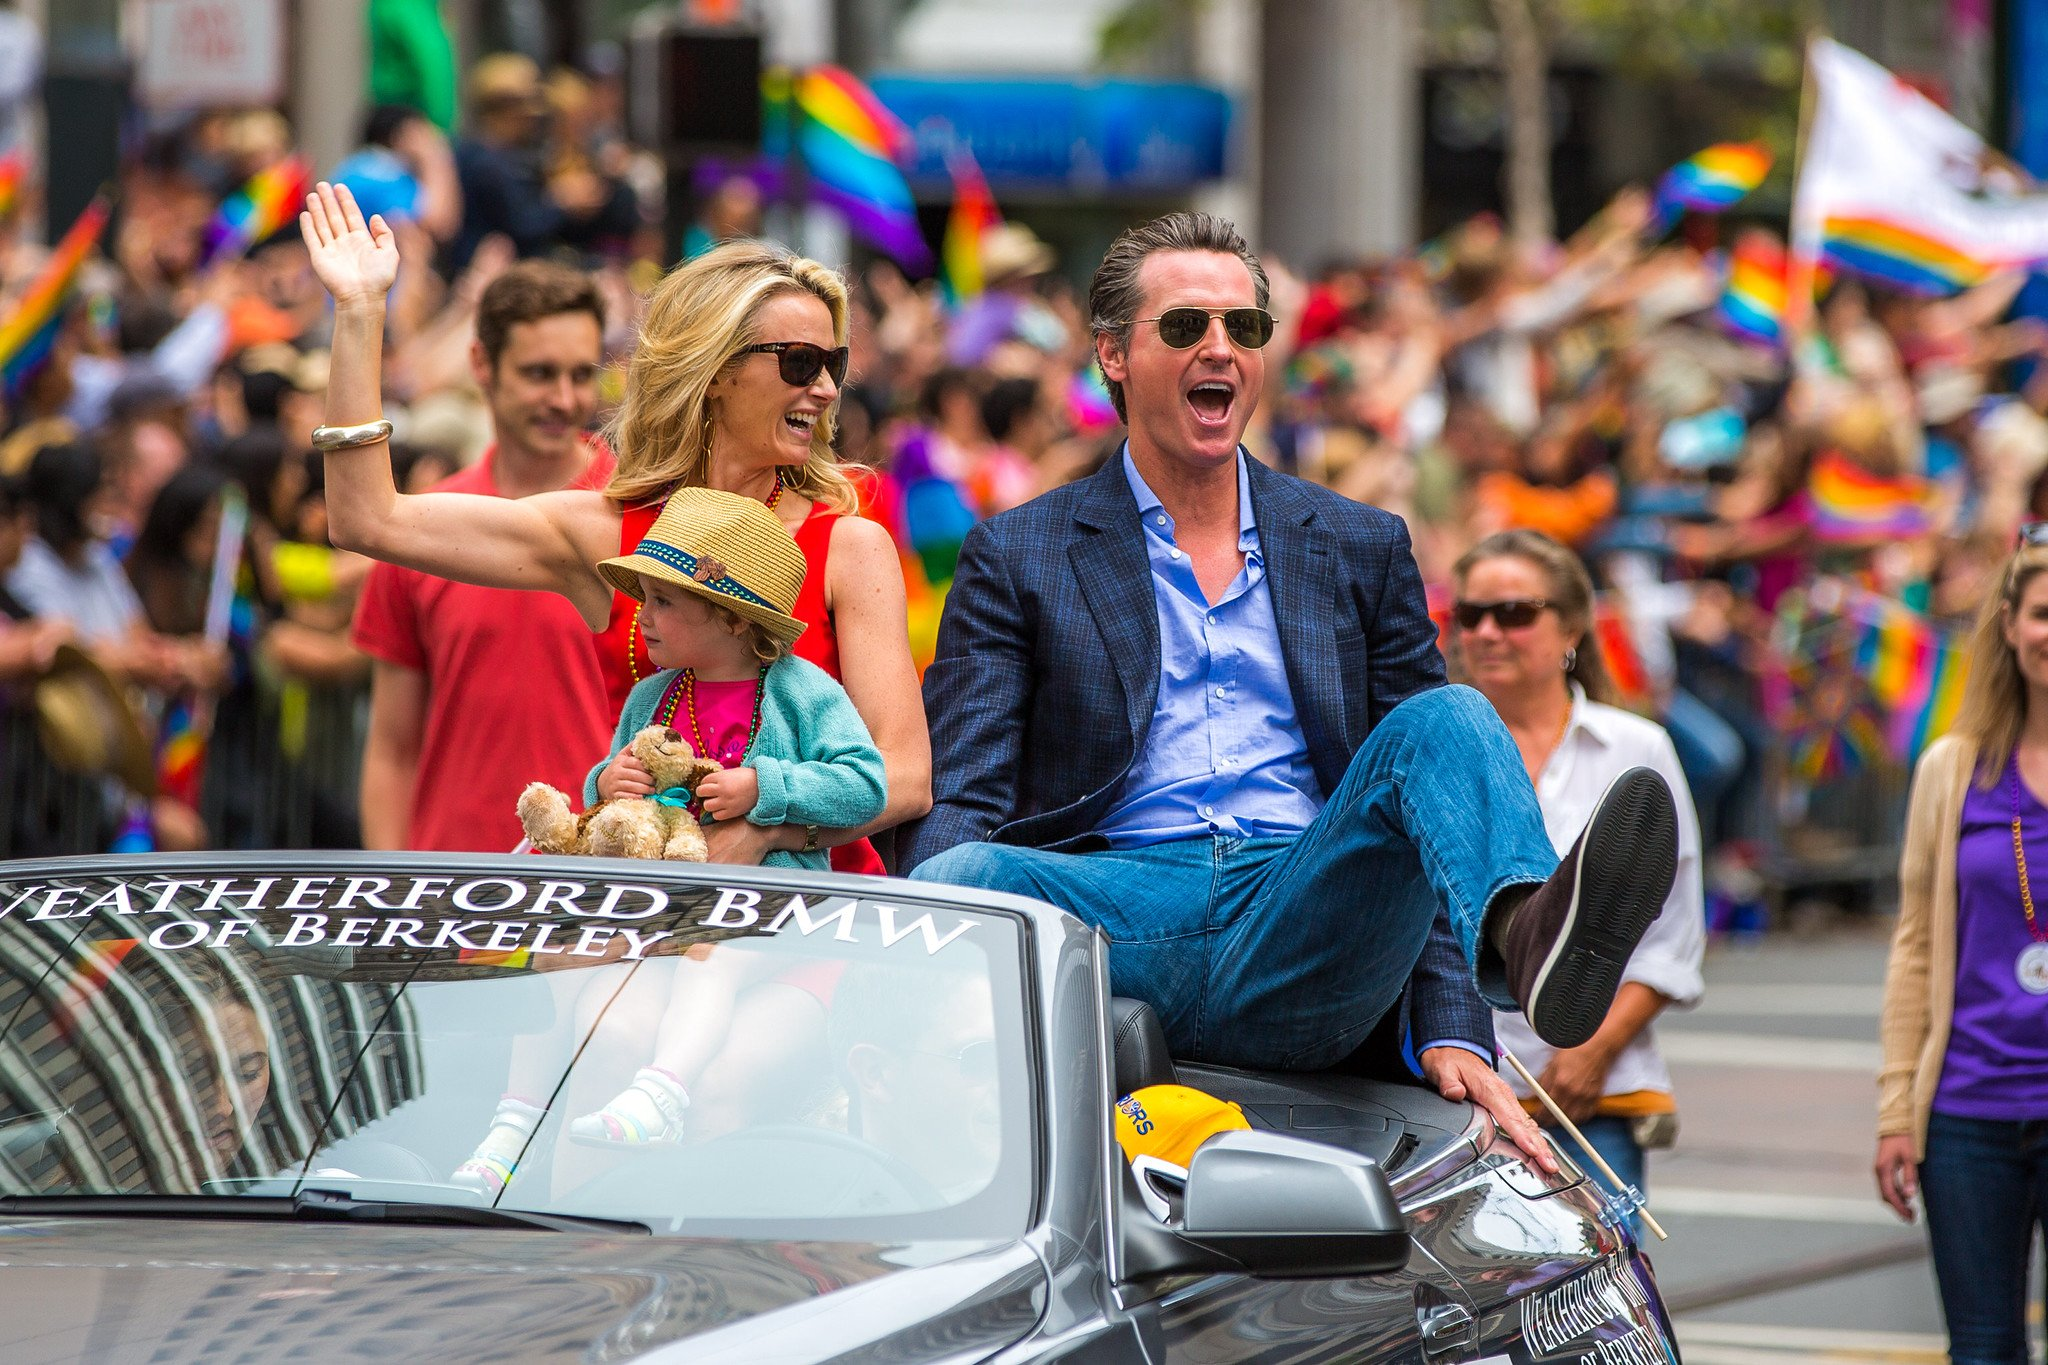 California will house transgender inmates by gender identity, Gov. Gavin Newsom says